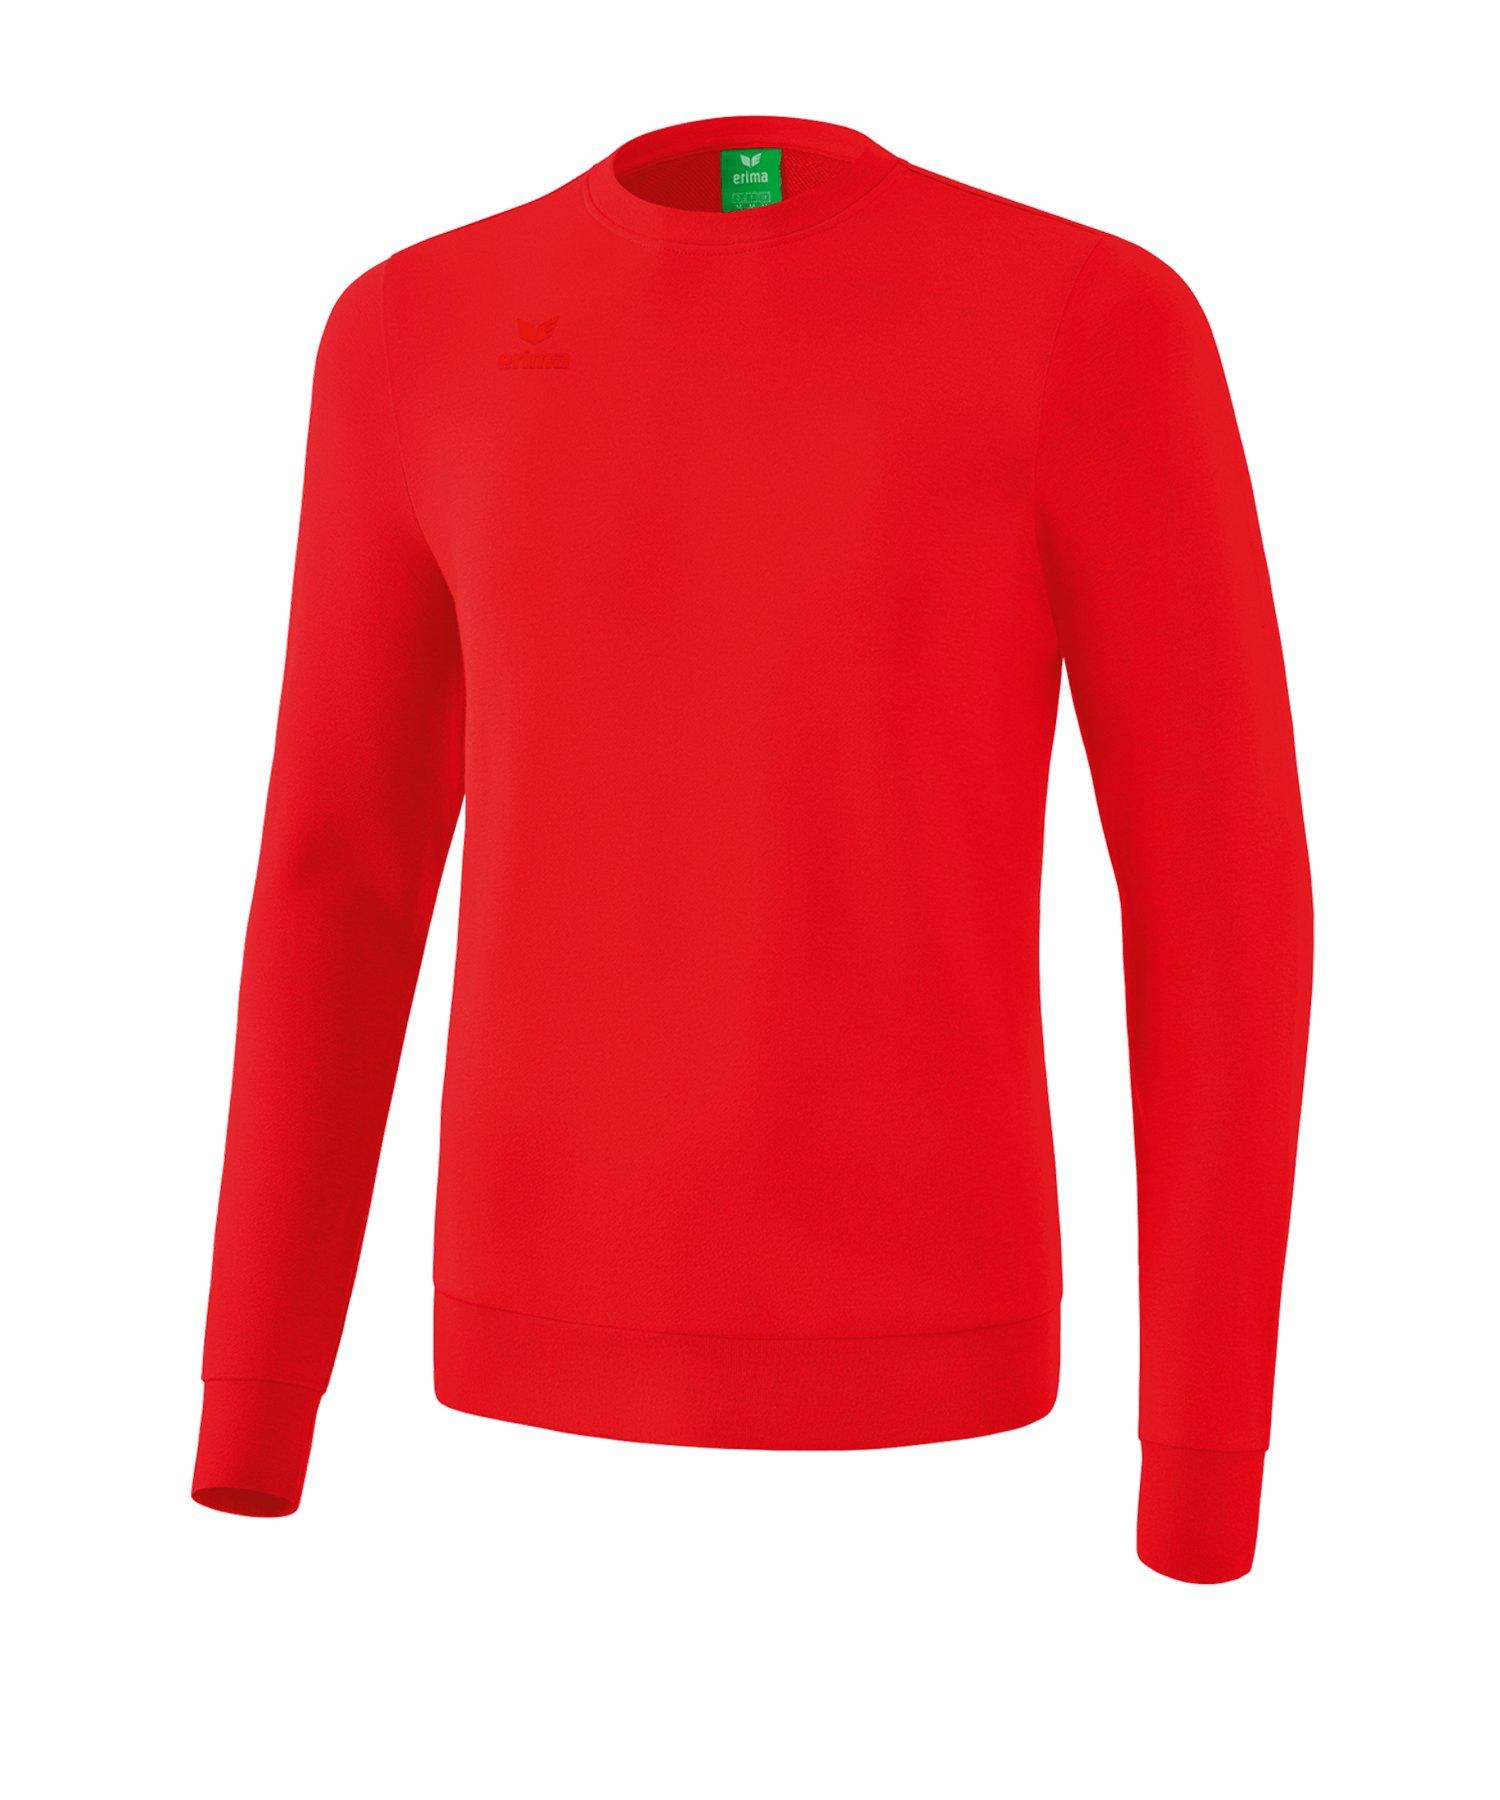 Erima Basic Sweatshirt Kids Rot - rot